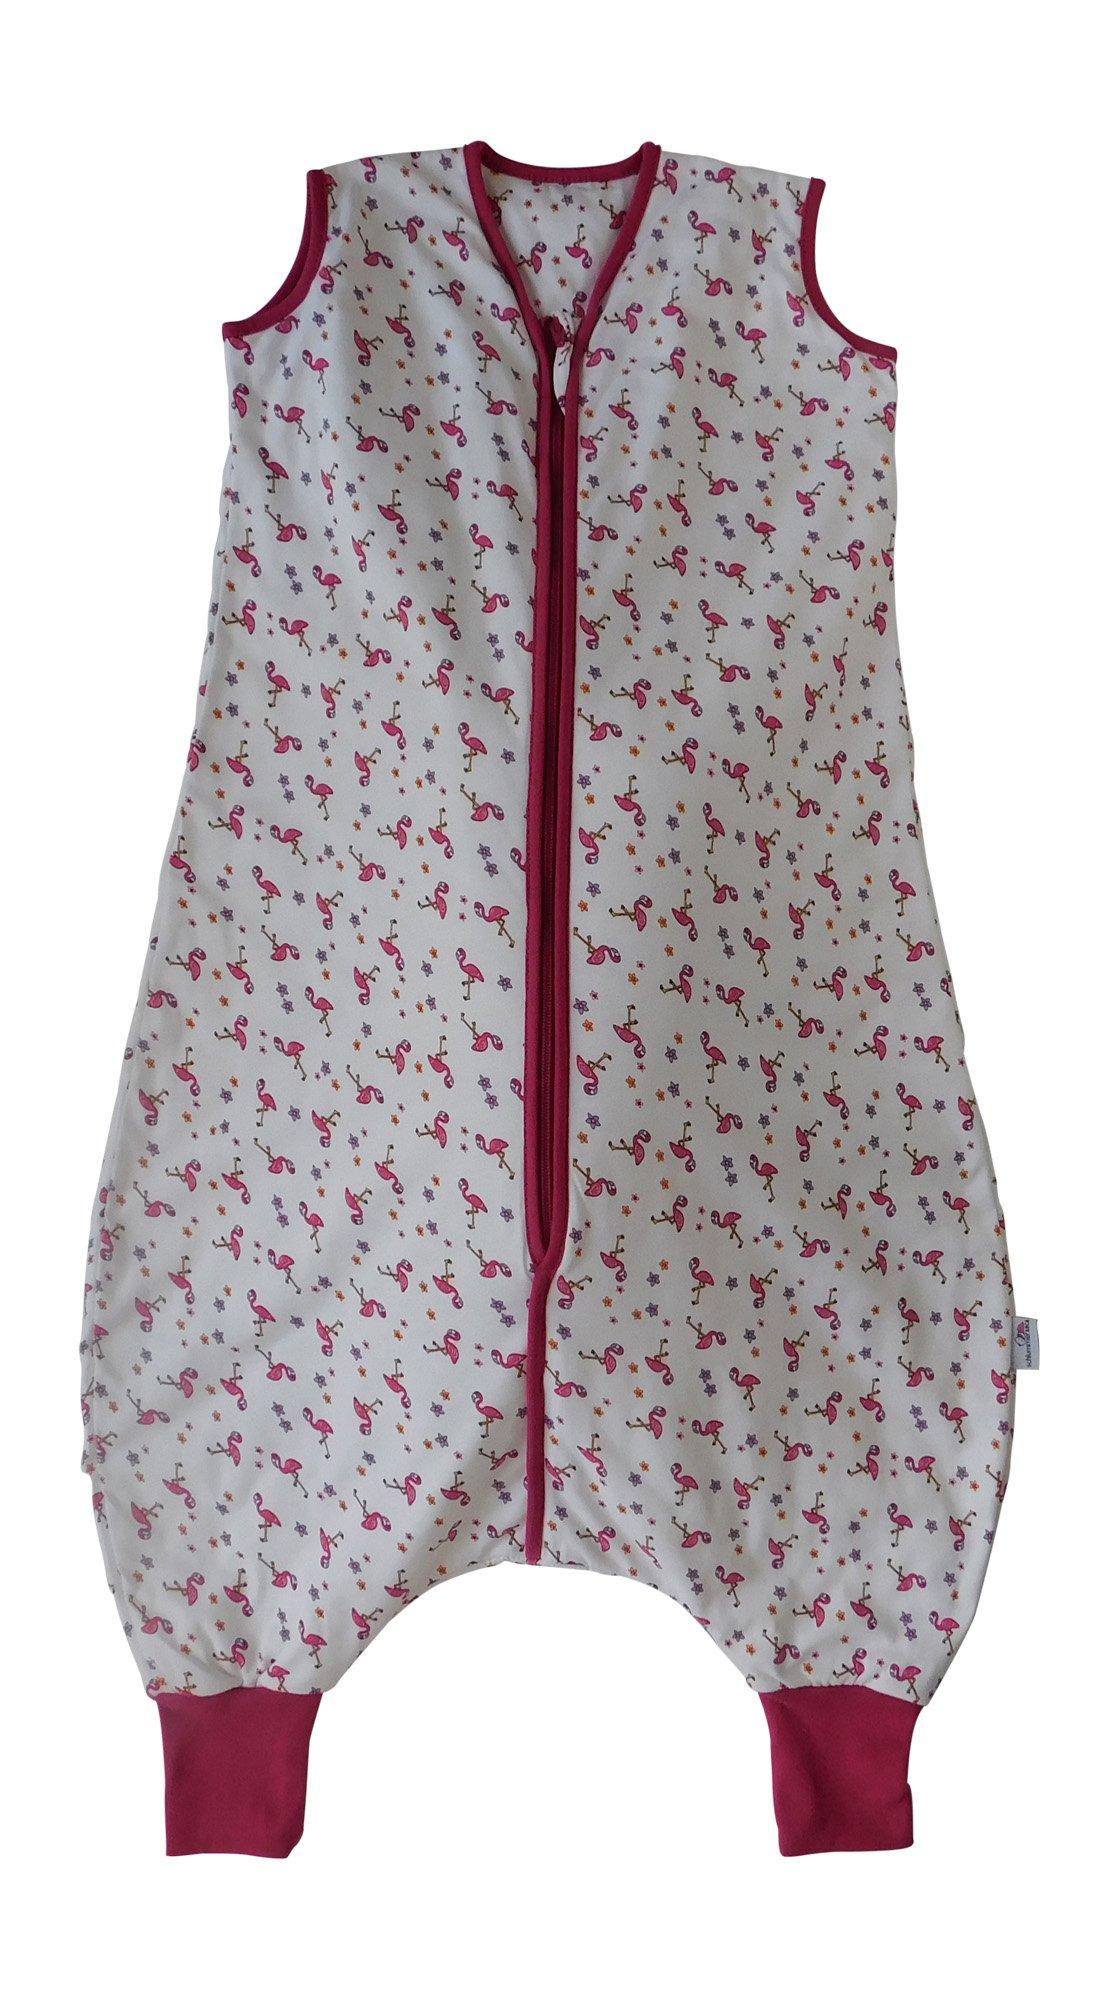 Slumbersac Saco de dormir de verano con pies 1.0 Tog – Flamingo – 18-24 meses/90cm